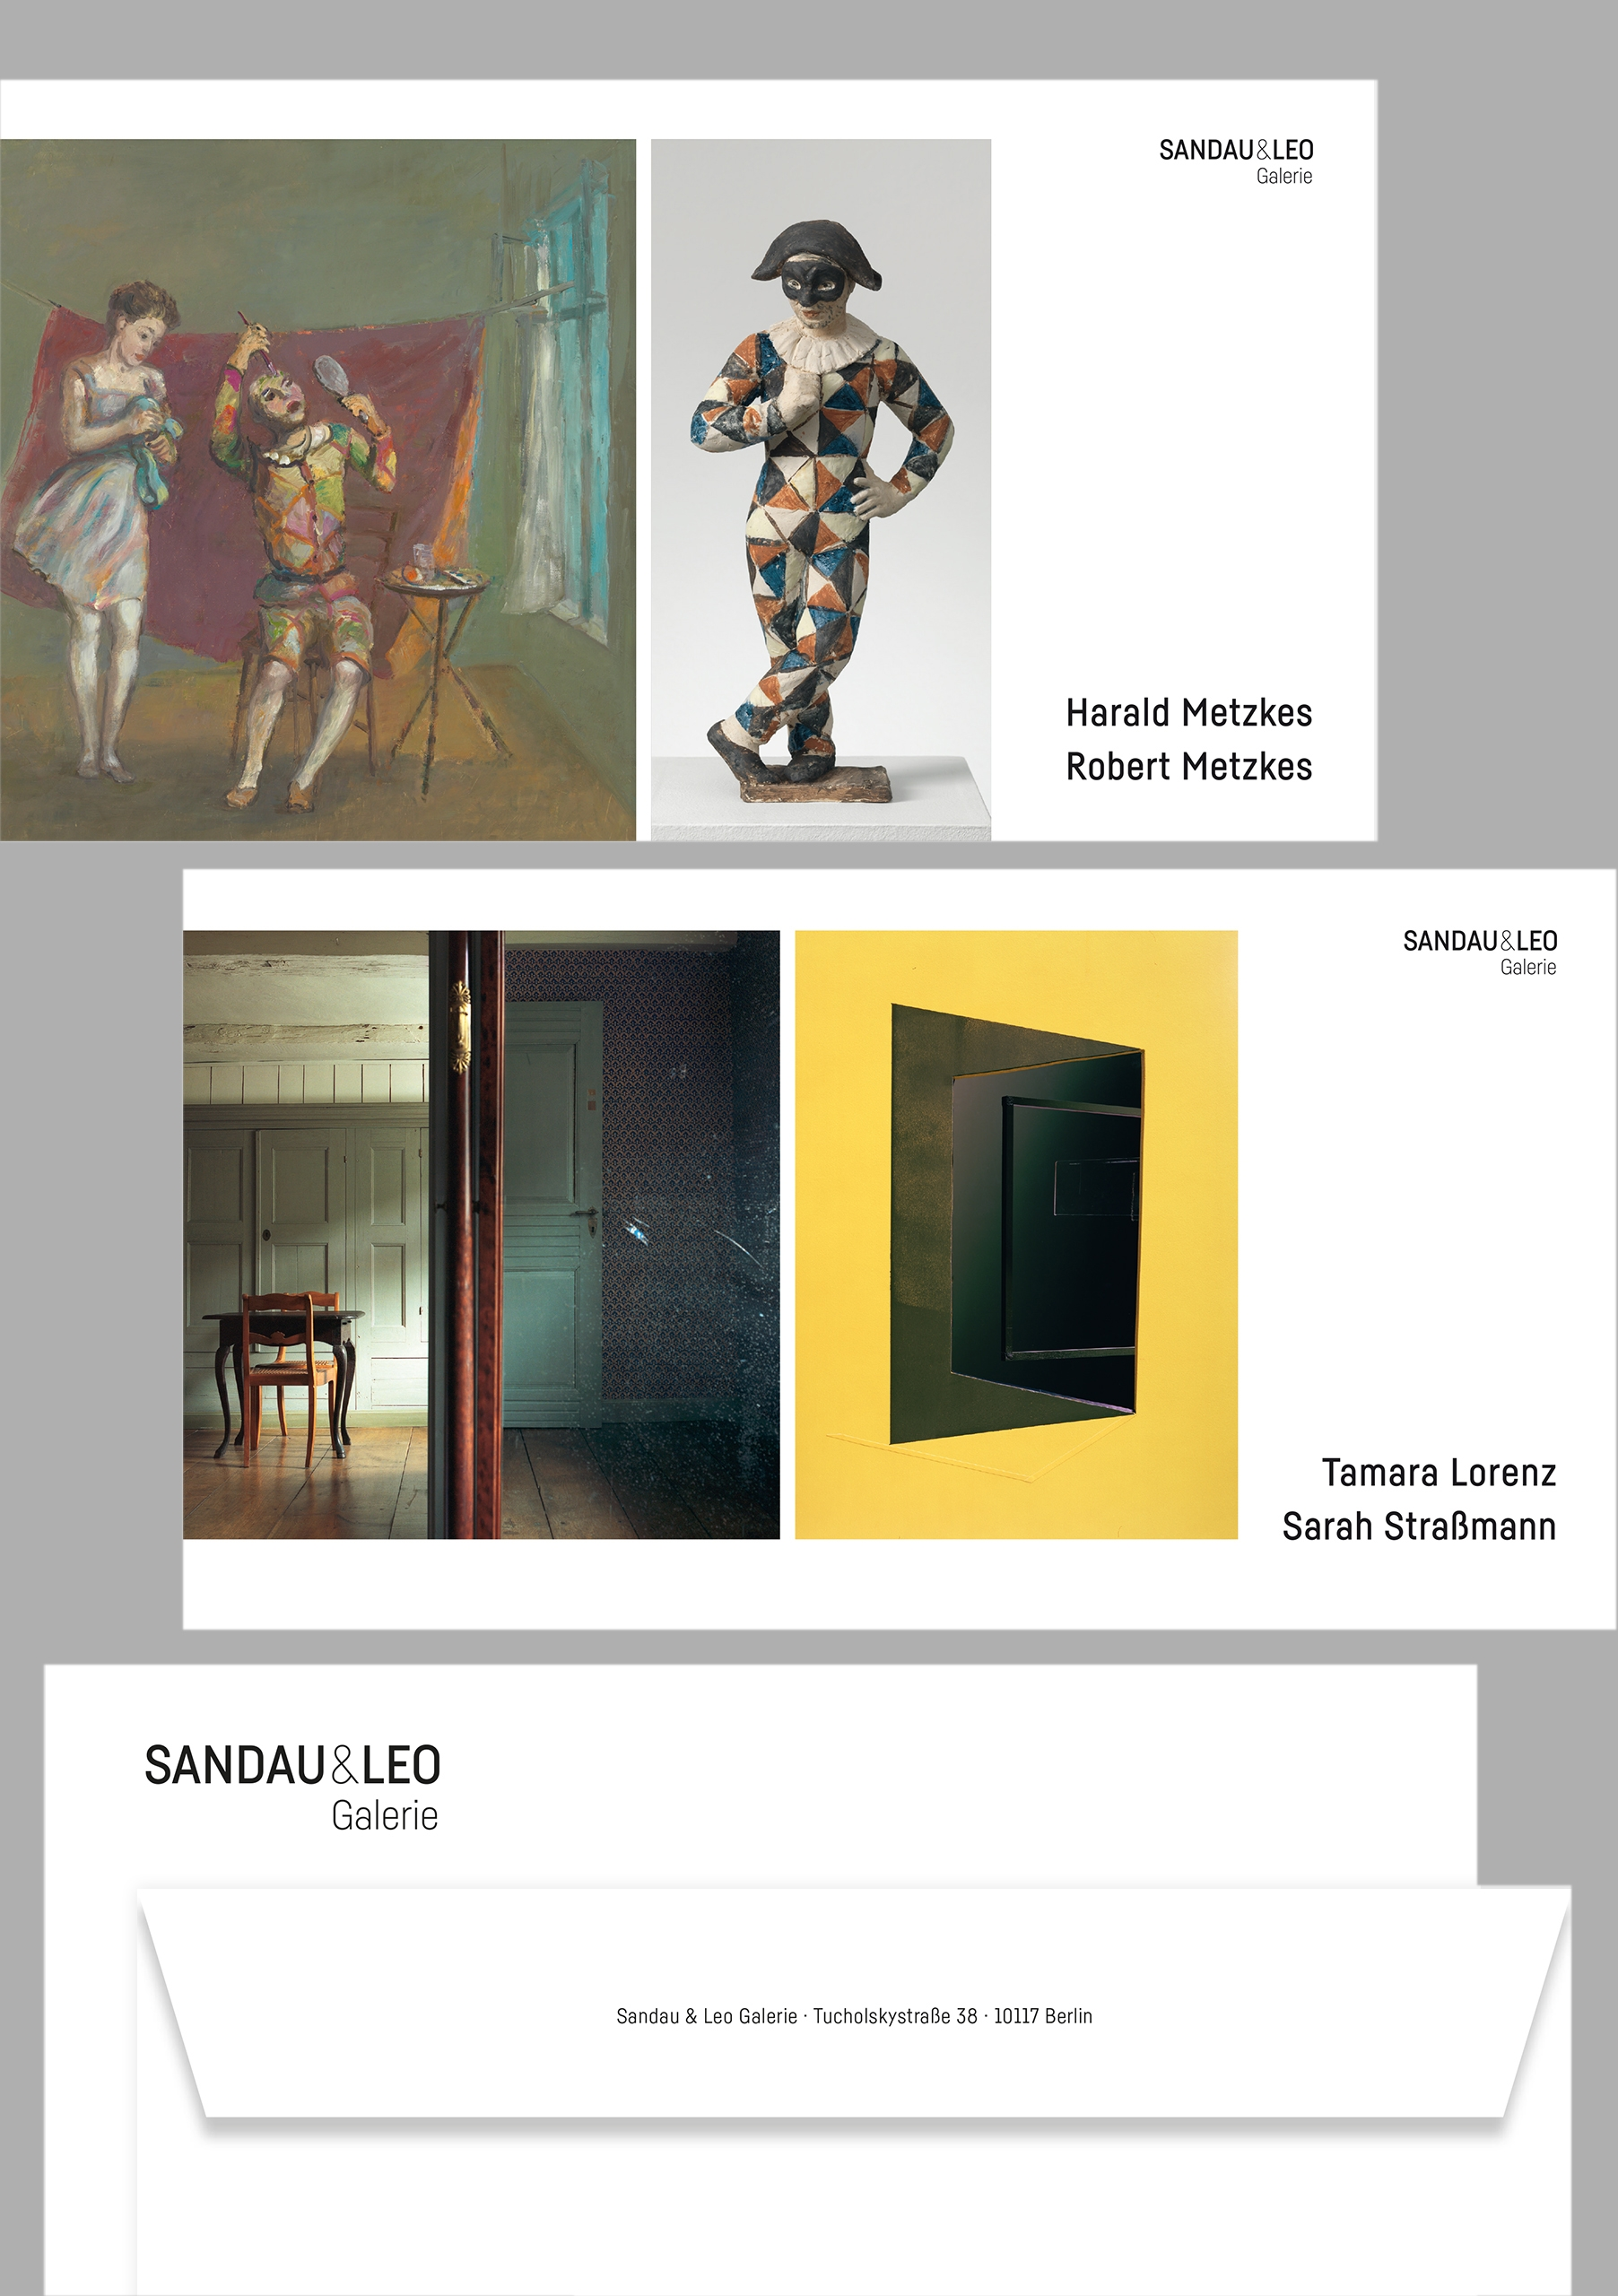 amberpress-gallery-sandau-leo-invitation-04